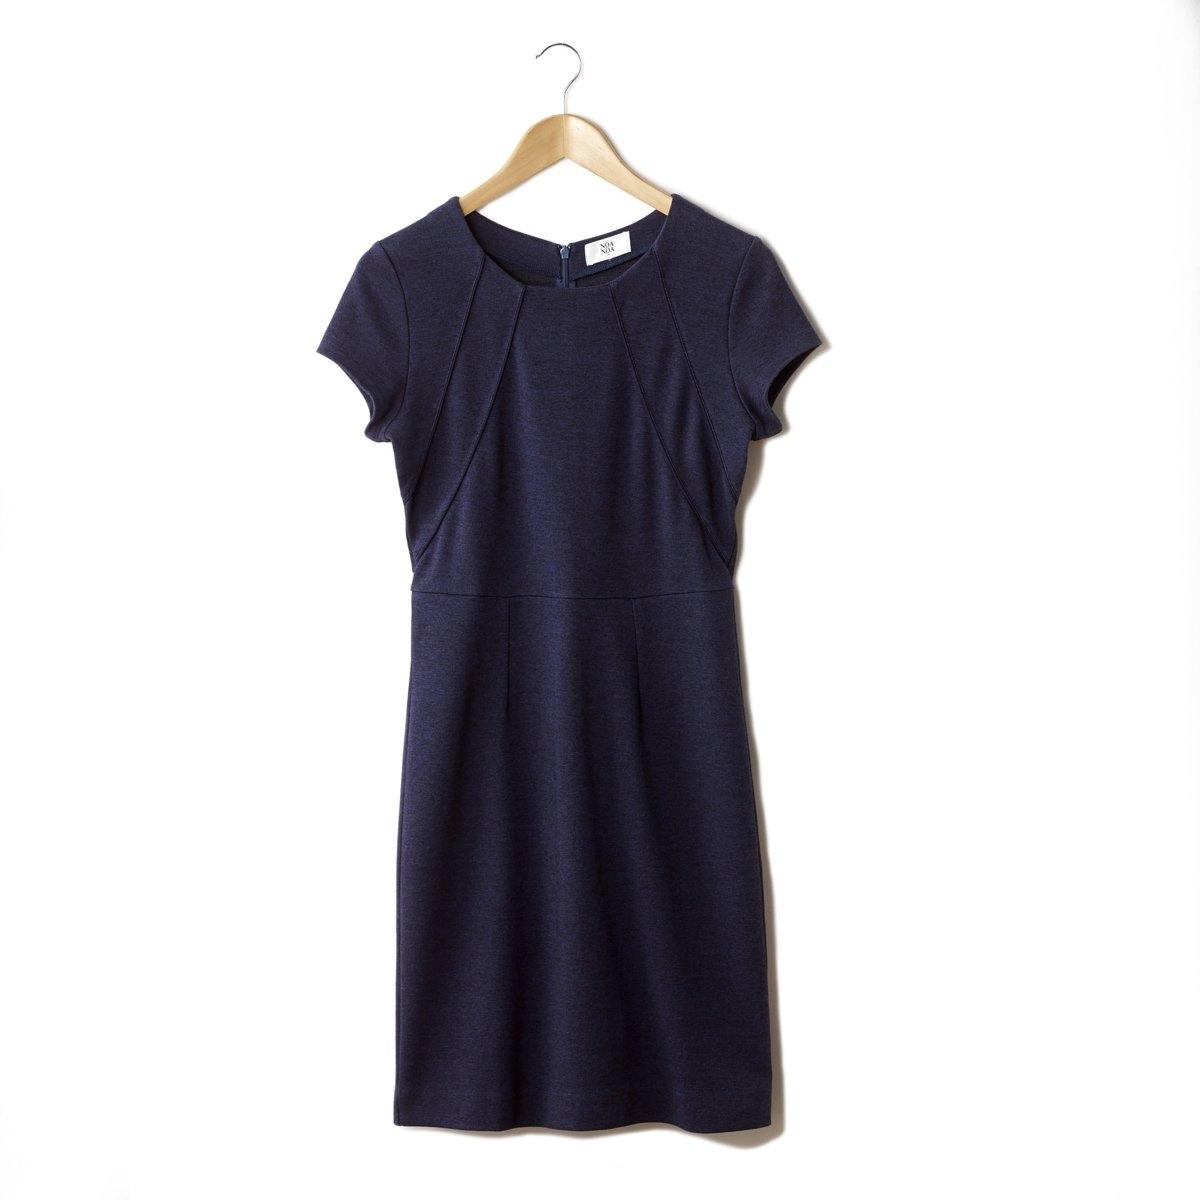 Платье облегающееПлатье NOA NOA. 85% хлопка, 10% полиэстера, 5% эластана. Облегающий покрой. Короткие рукава. Круглый вырез. Длина ок. 93 см.<br><br>Цвет: синий морской<br>Размер: L